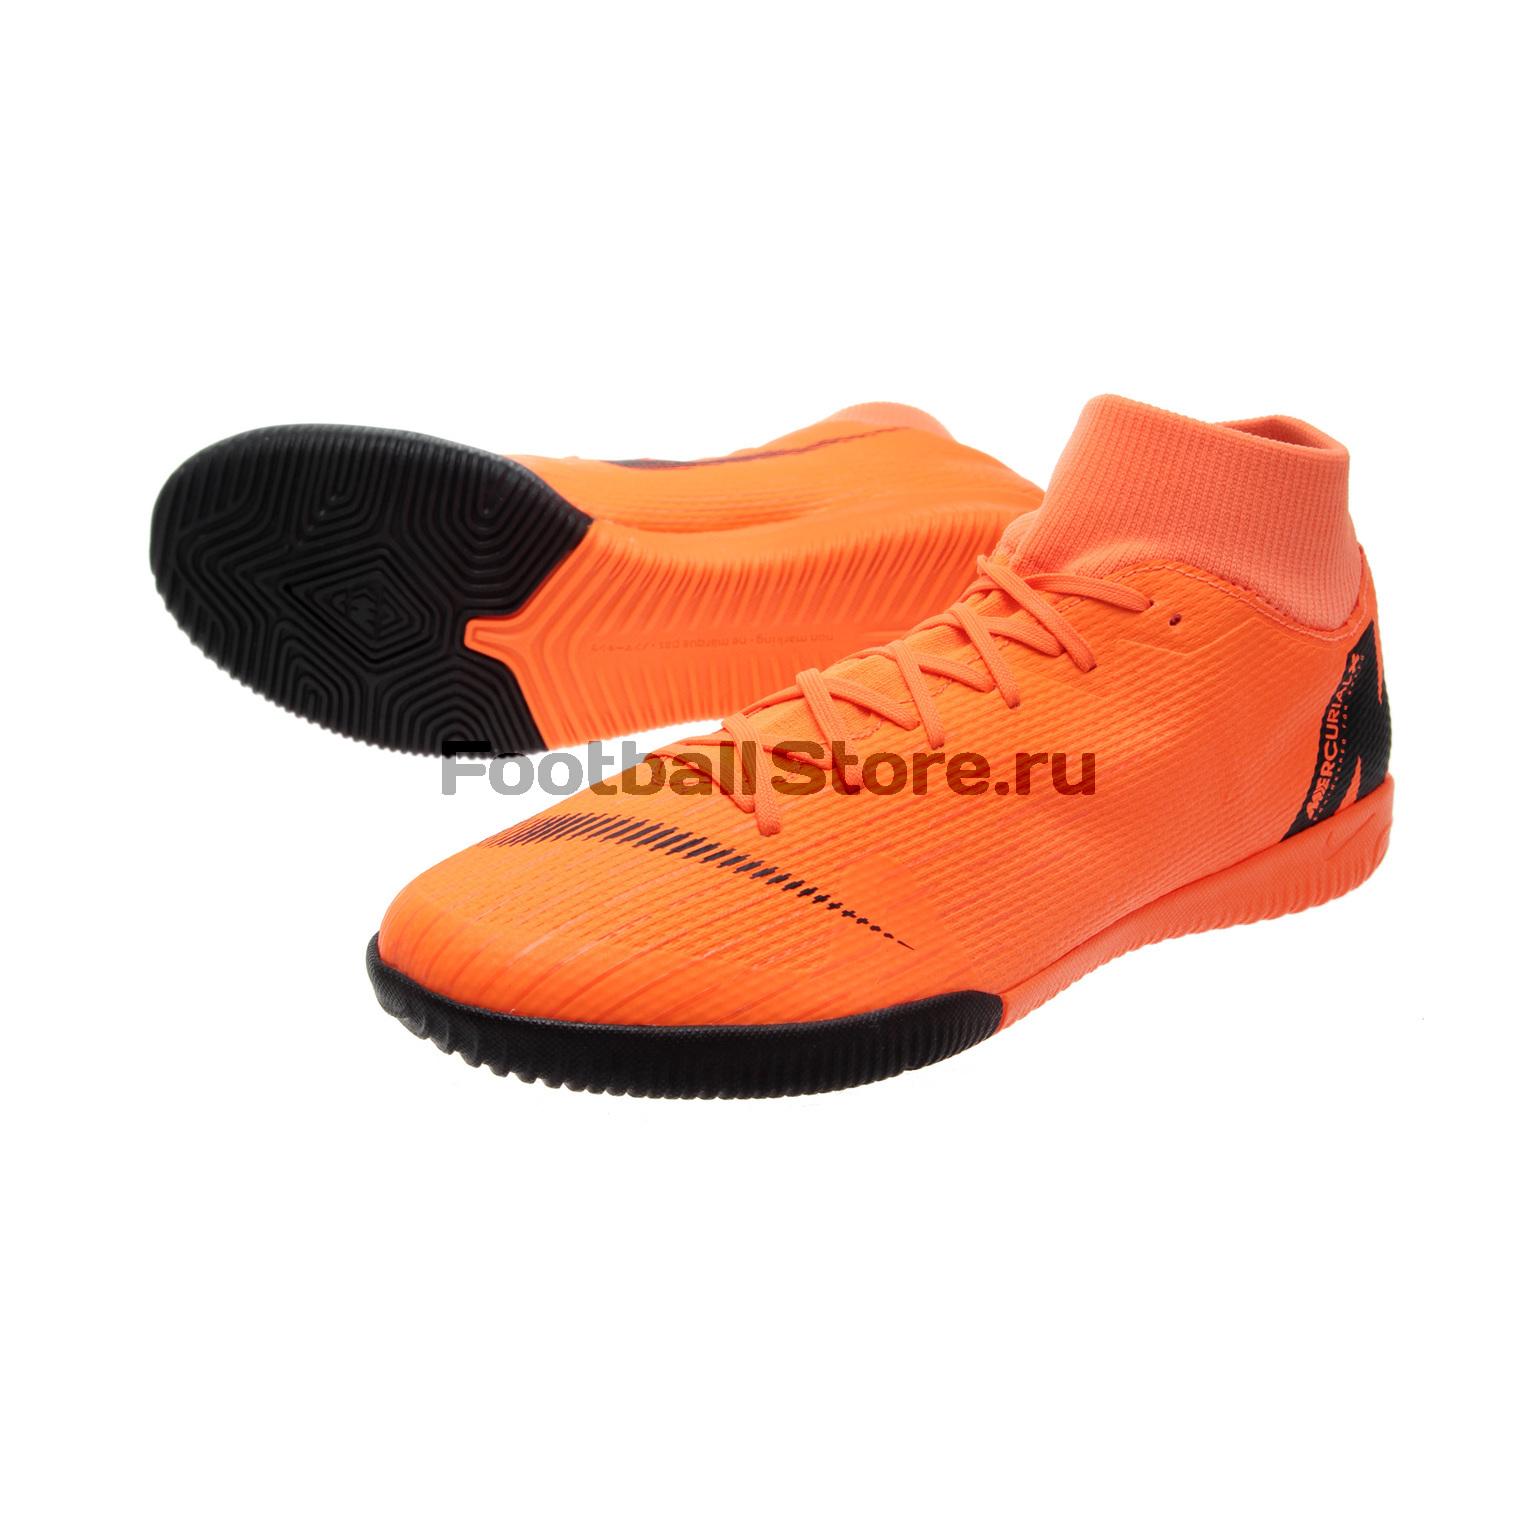 4c95c5c8 Обувь для зала Nike SuperflyX 6 Academy IC AH7369-810 – купить ...